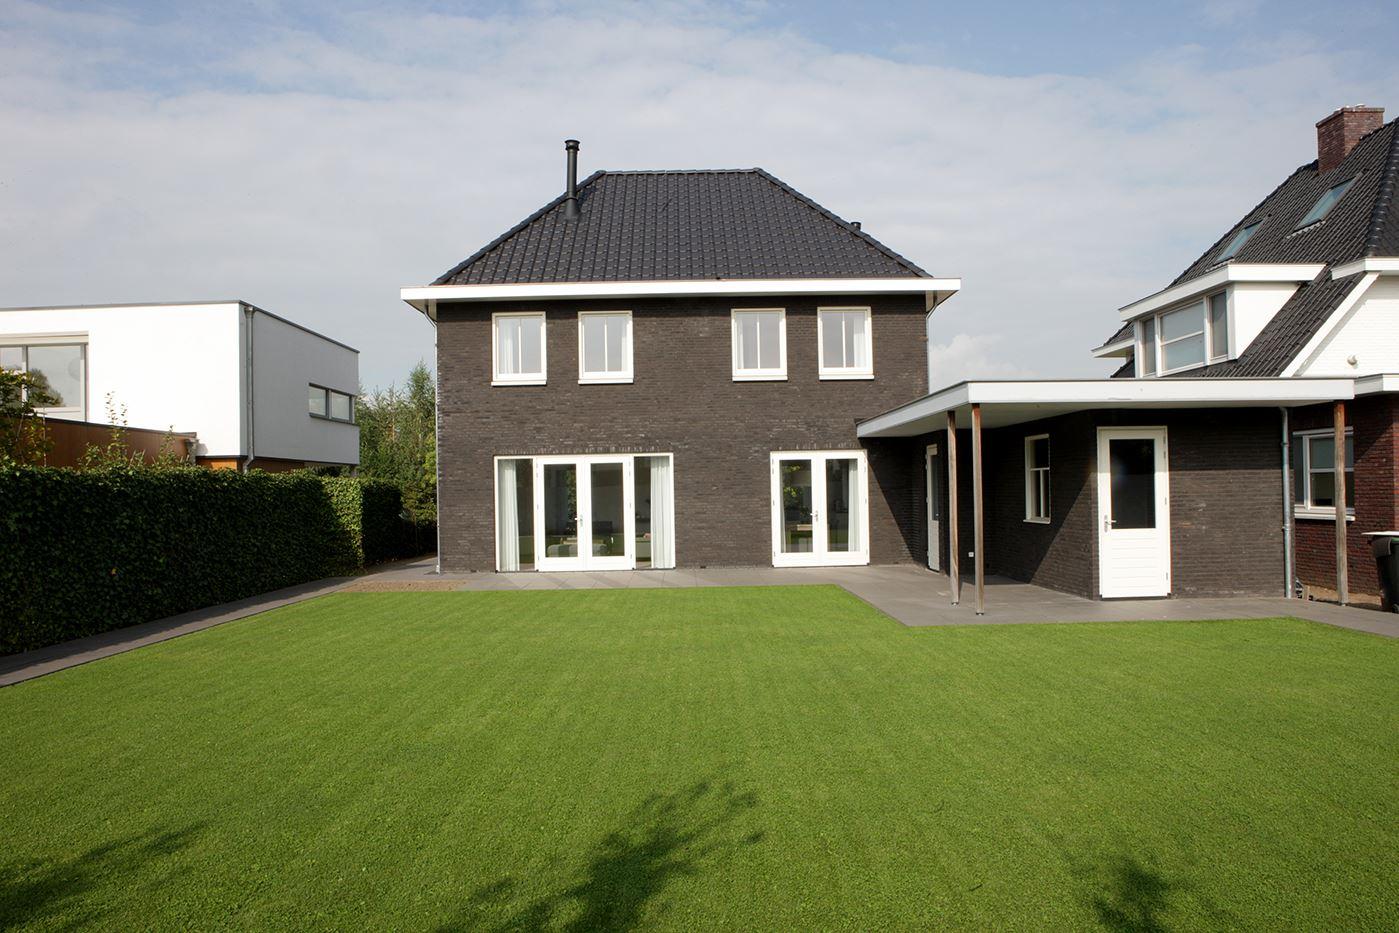 Huis te koop havik 9 7132 dt lichtenvoorde funda - Foto moderne inbouwkeuken ...